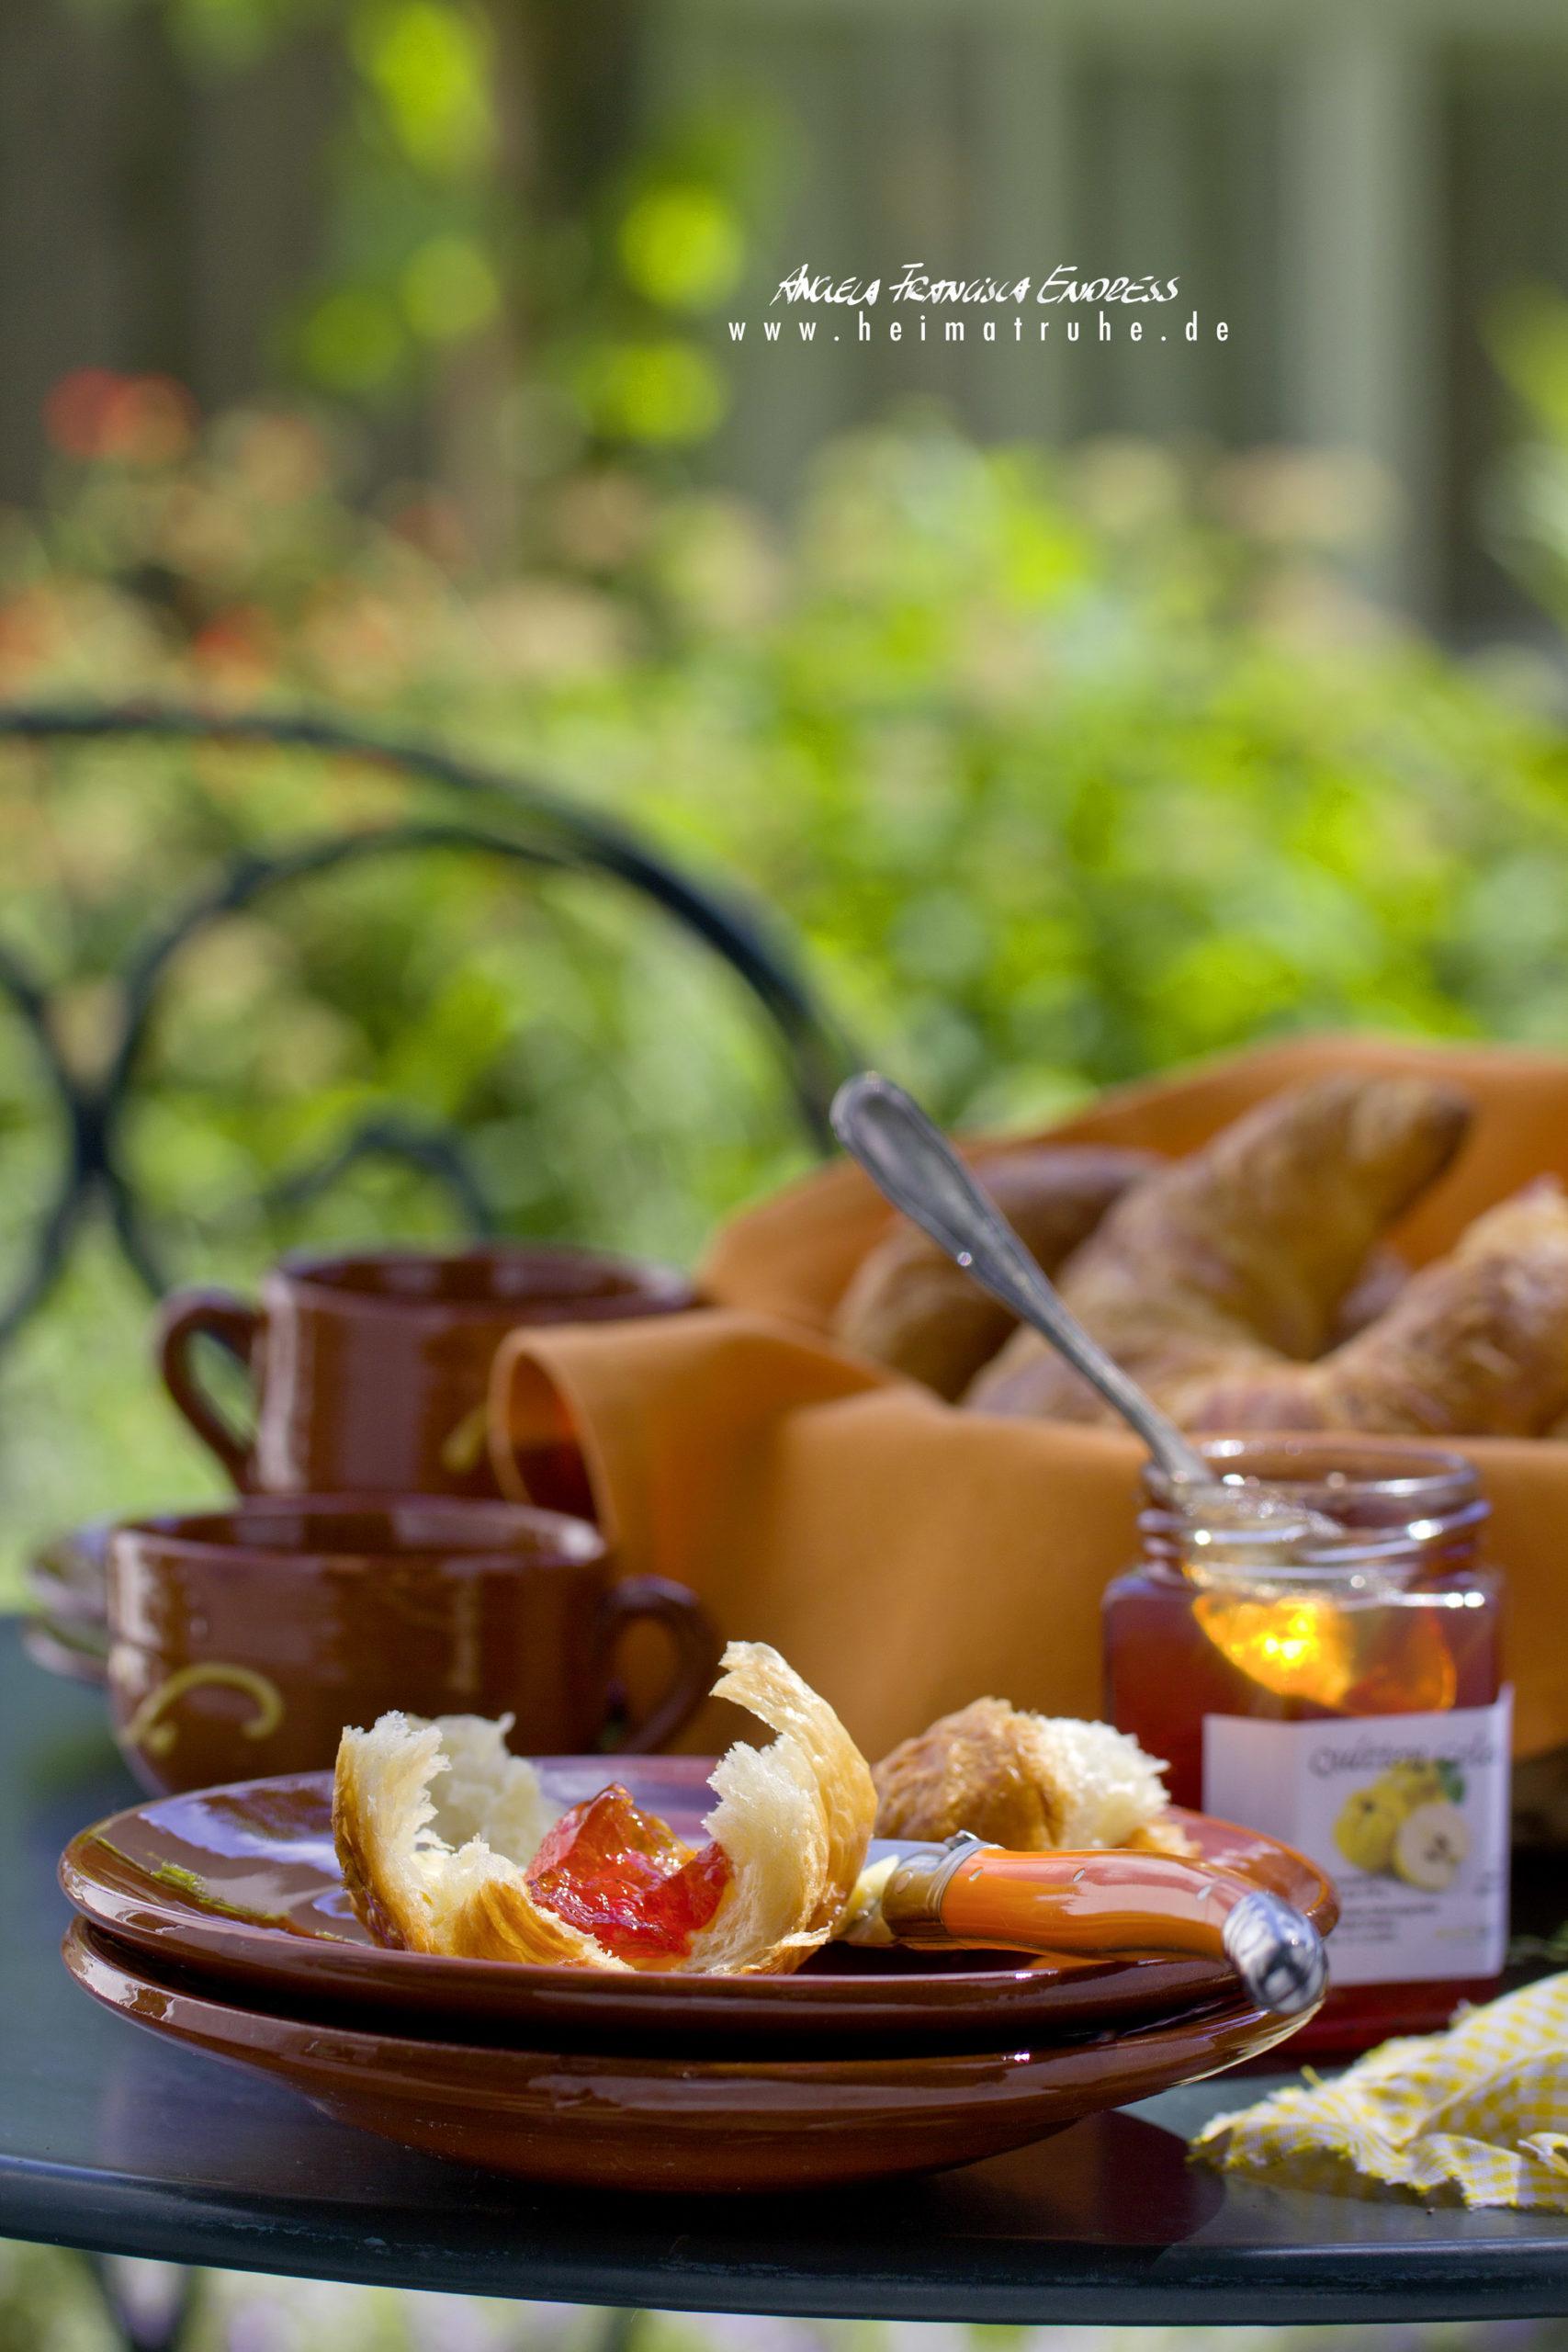 Croissant mit Marmelade im Garten, französischer Tisch und Stuhl